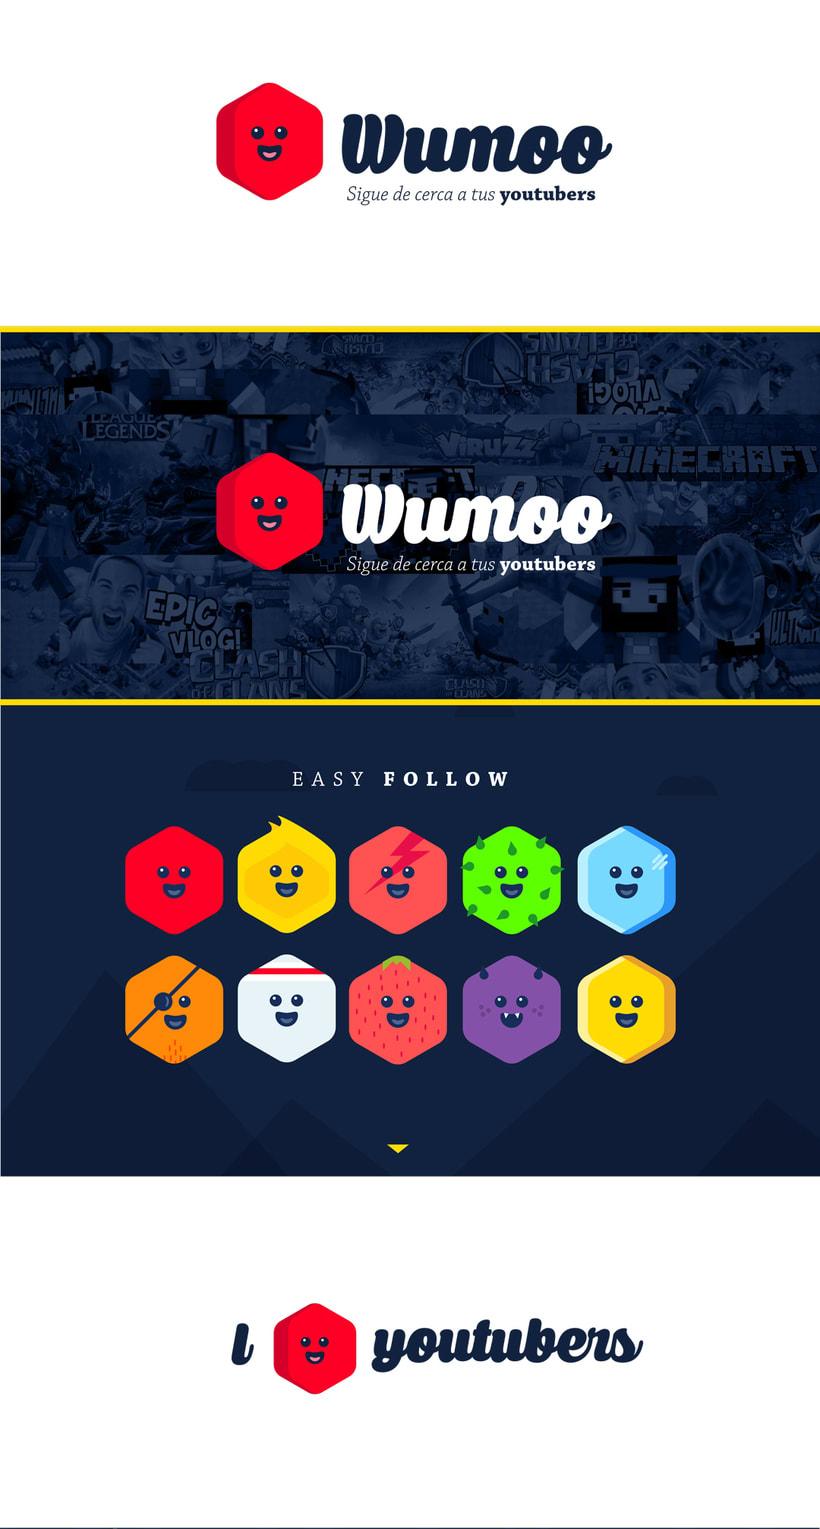 Wumoo, social app. -1